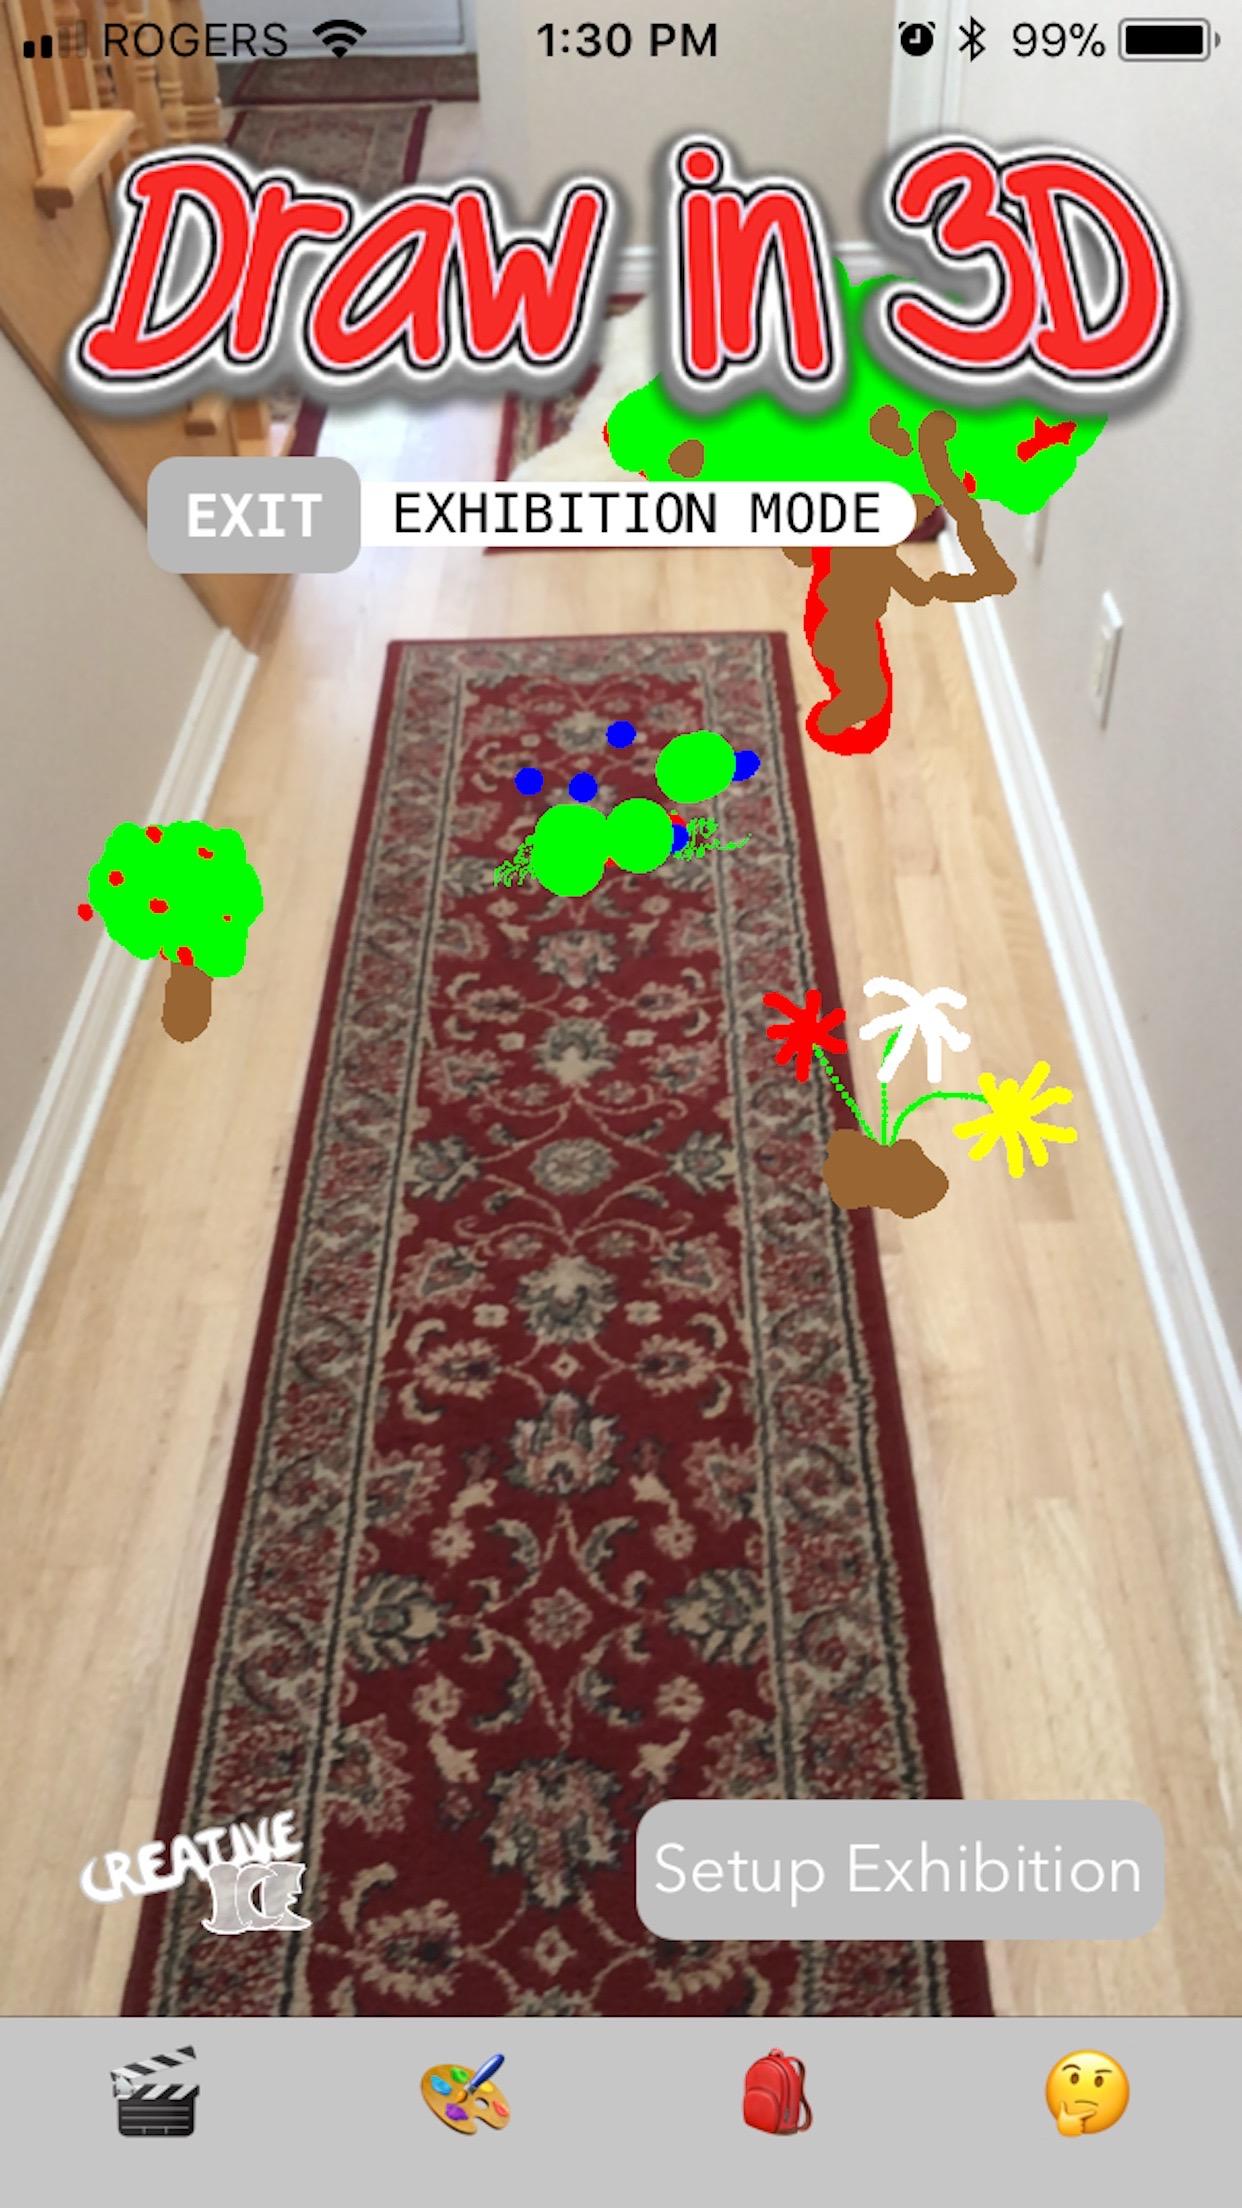 ExhibitionMode